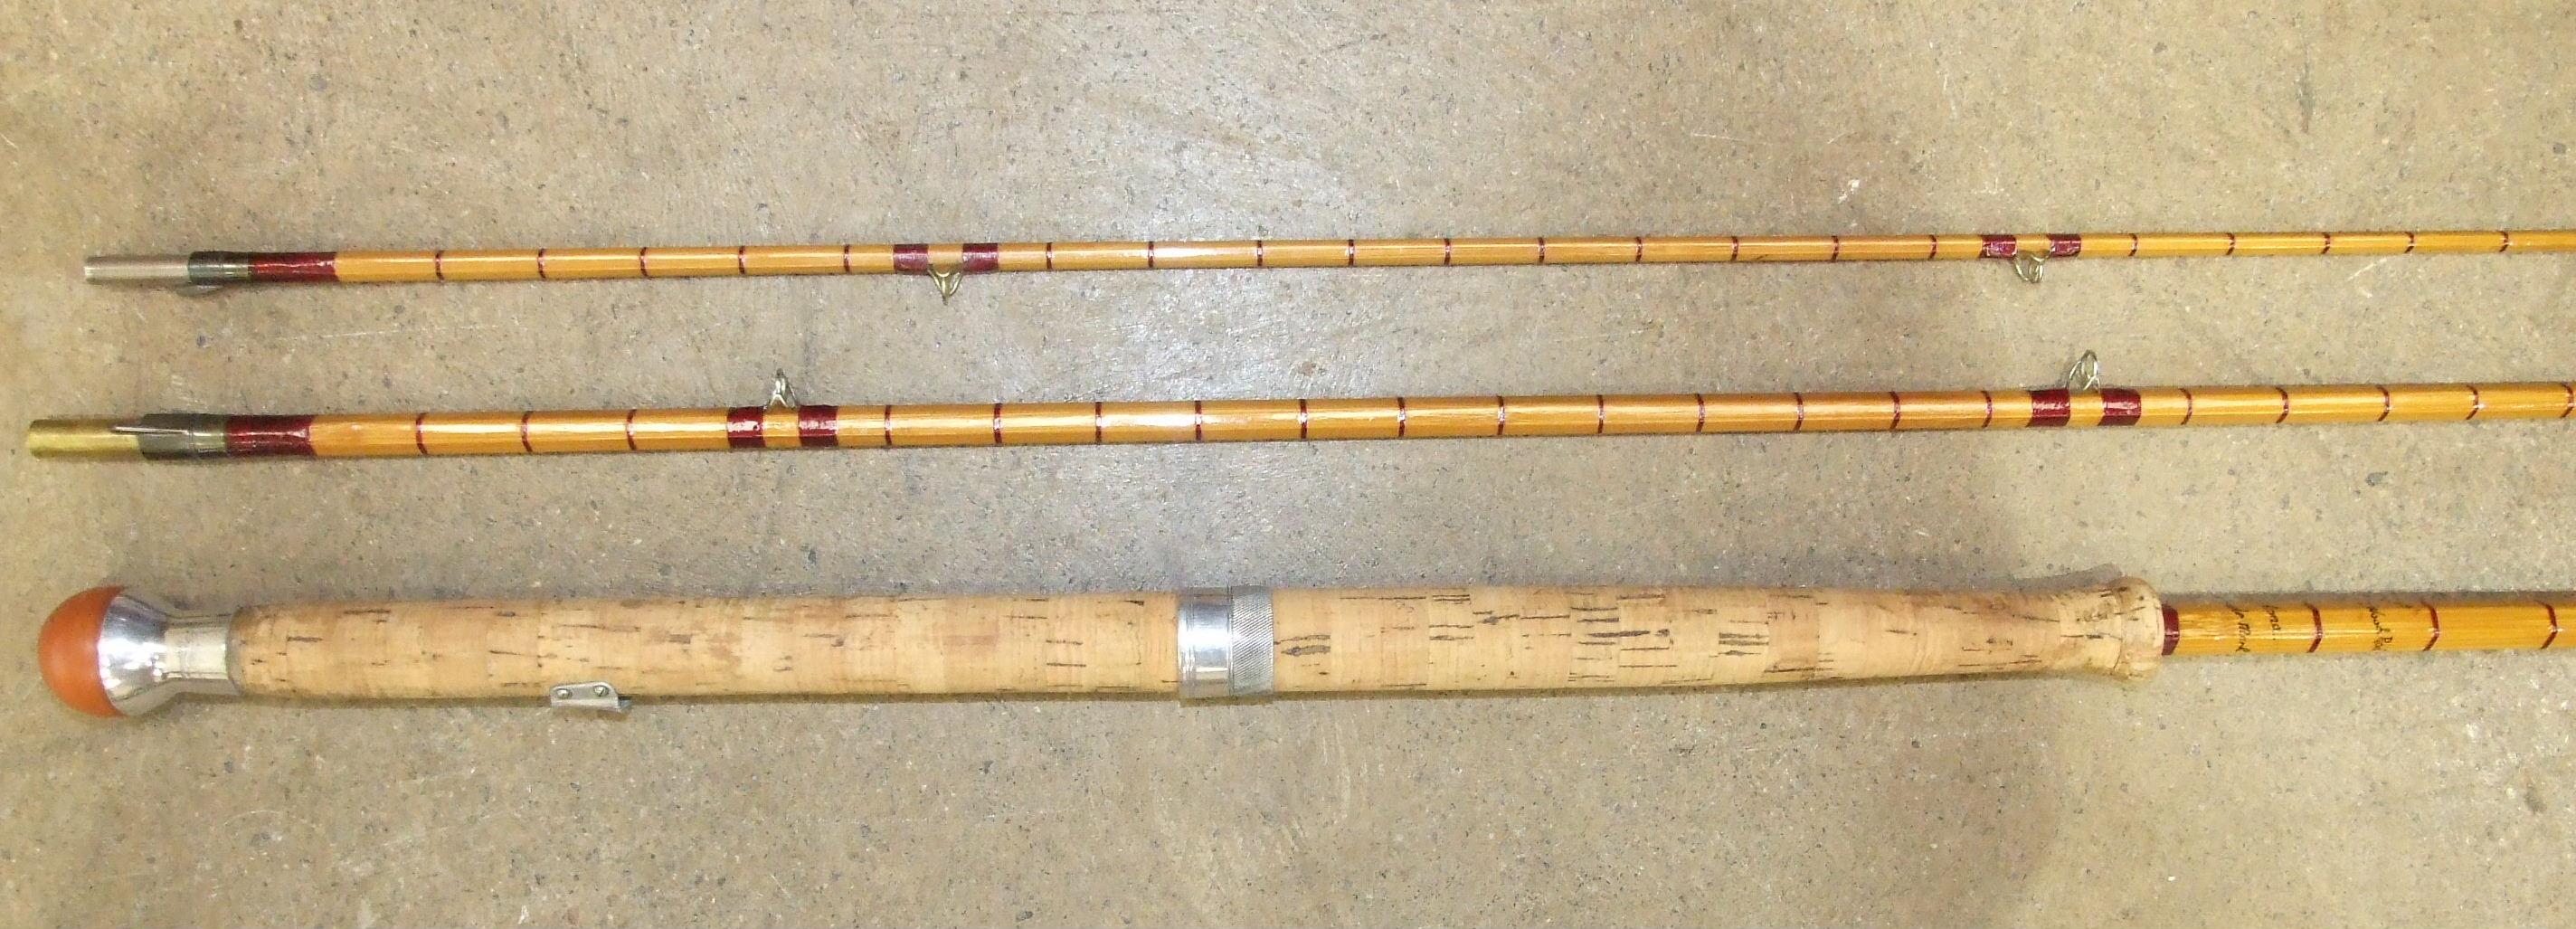 """Lot 425 - A Hardy's 12' three-piece split-cane rod """"The AHE Wood Rod No.3"""" no. E64458, (restored)."""